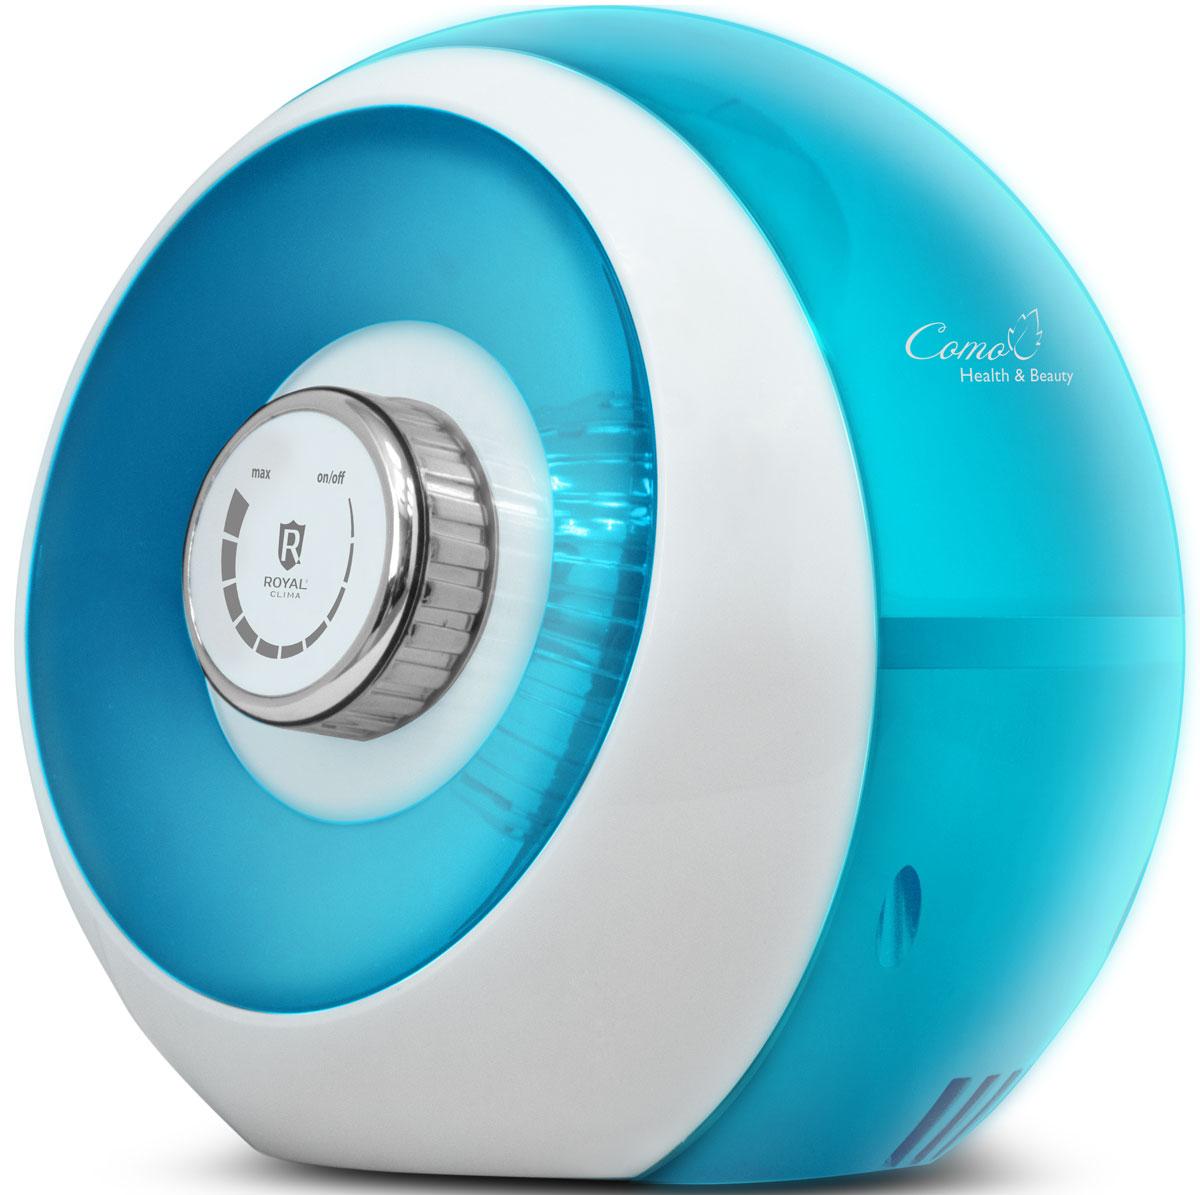 Royal Clima RUH-С300/2.5M-BU Como, Blue увлажнитель воздухаRUH-С300/2.5M-BUСерия увлажнителей воздуха Royal Clima Como воплотила в себе не только многофункциональность, высокое качество, но и совершенно новый подход к ставшему привычным пониманию формы и цвета. Дизайнерское решение, основанное на концепции ART Immaginariо, что в переводе с итальянского буквально означает воображение, позволило создать уникальный дизайн прибора, который представляет собой шарообразную форму корпуса и коллажный эффект сочетания двух цветов - черного и белого глянца Stella Art и лазурного голубого и белого глянца Azzurra Riviera. Royal Clima Como сочетает в себе 4 функции в одном приборе. Помимо эффективного увлажнения воздуха до 300 мл в час прибор оснащен встроенной ароматической капсулой Aroma Nature, отключаемым ионизатором воздуха Ionic Wave и мягкой подсветкой передней панели Sweet Dreams. В комплект прибора входит 5 угольных фильтров для очистки воды, что обеспечивает беззаботное использование прибора более...